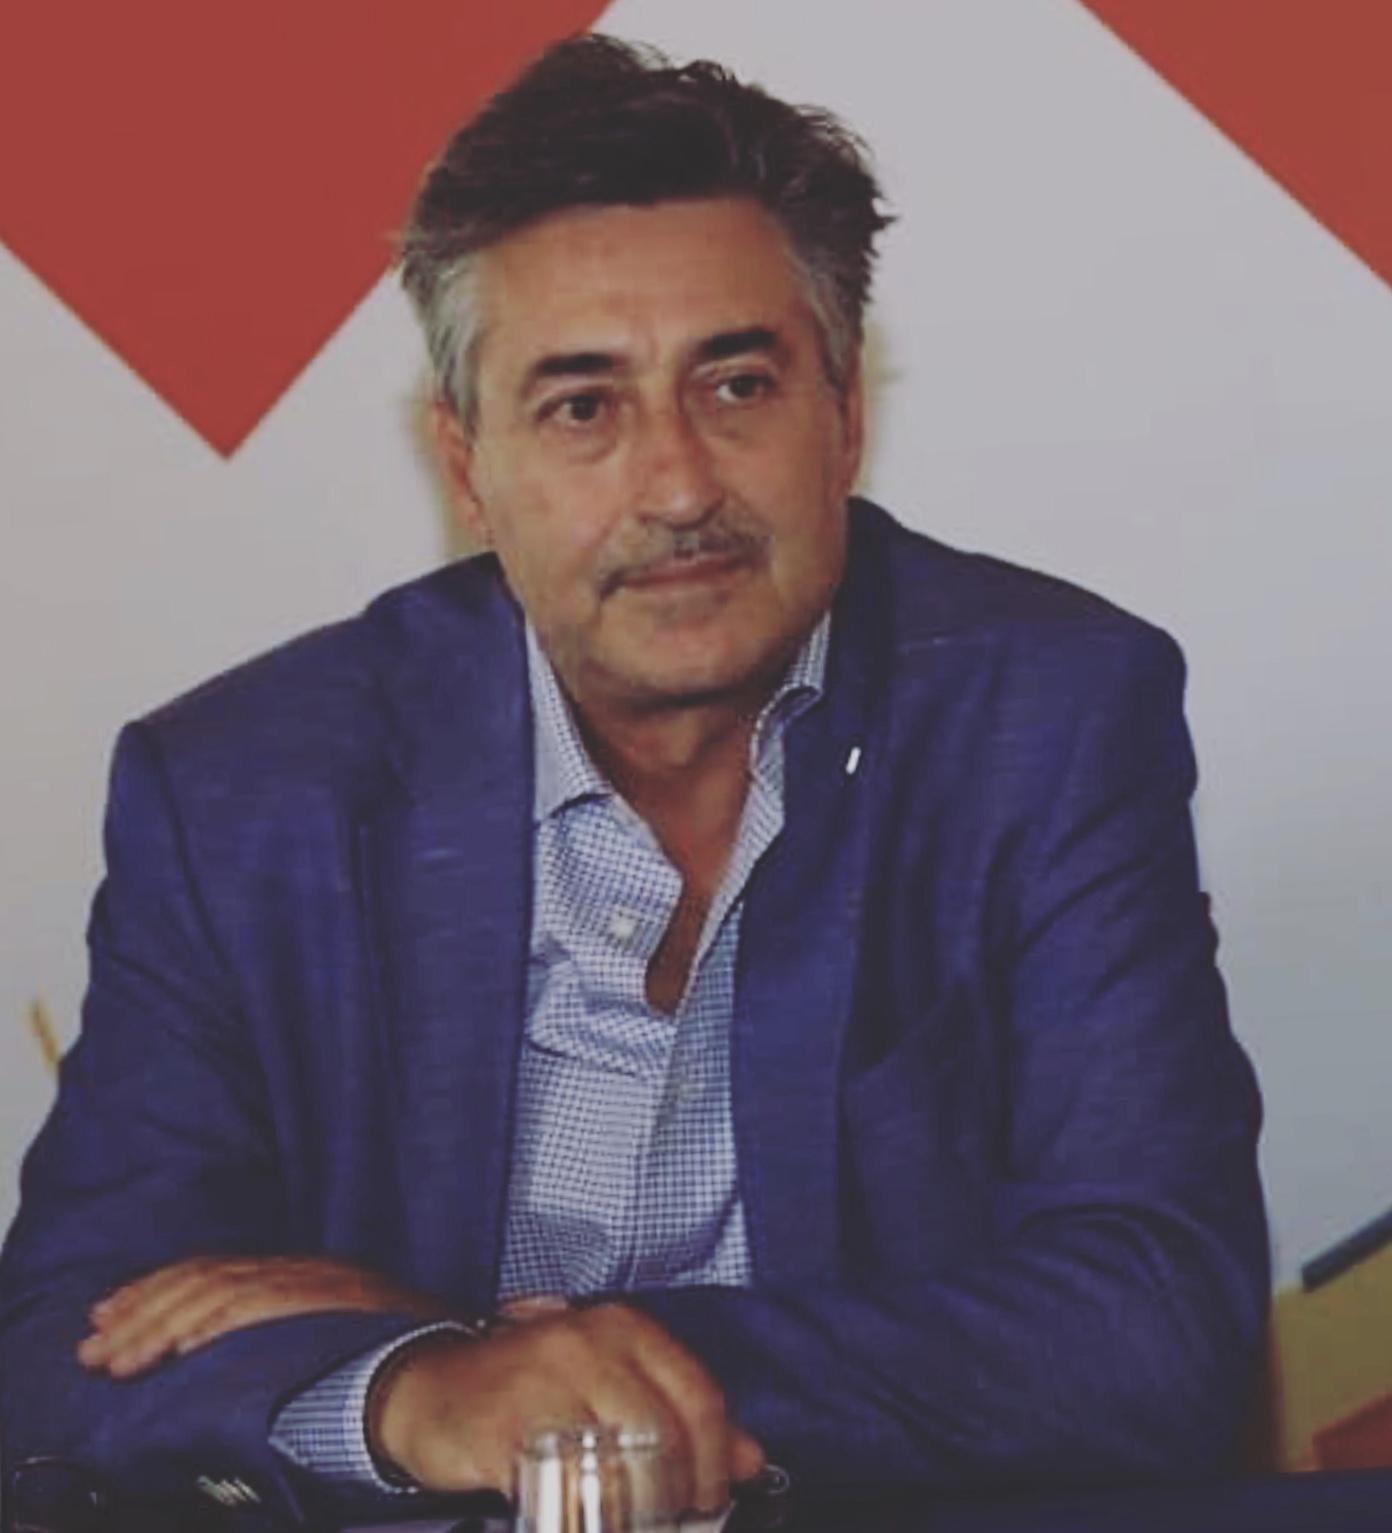 Direttivo regionale Fp Cgil, Agliozzo: Musumeci aggredisce il pubblico impiego per nascondere i limiti dell'azione di governo